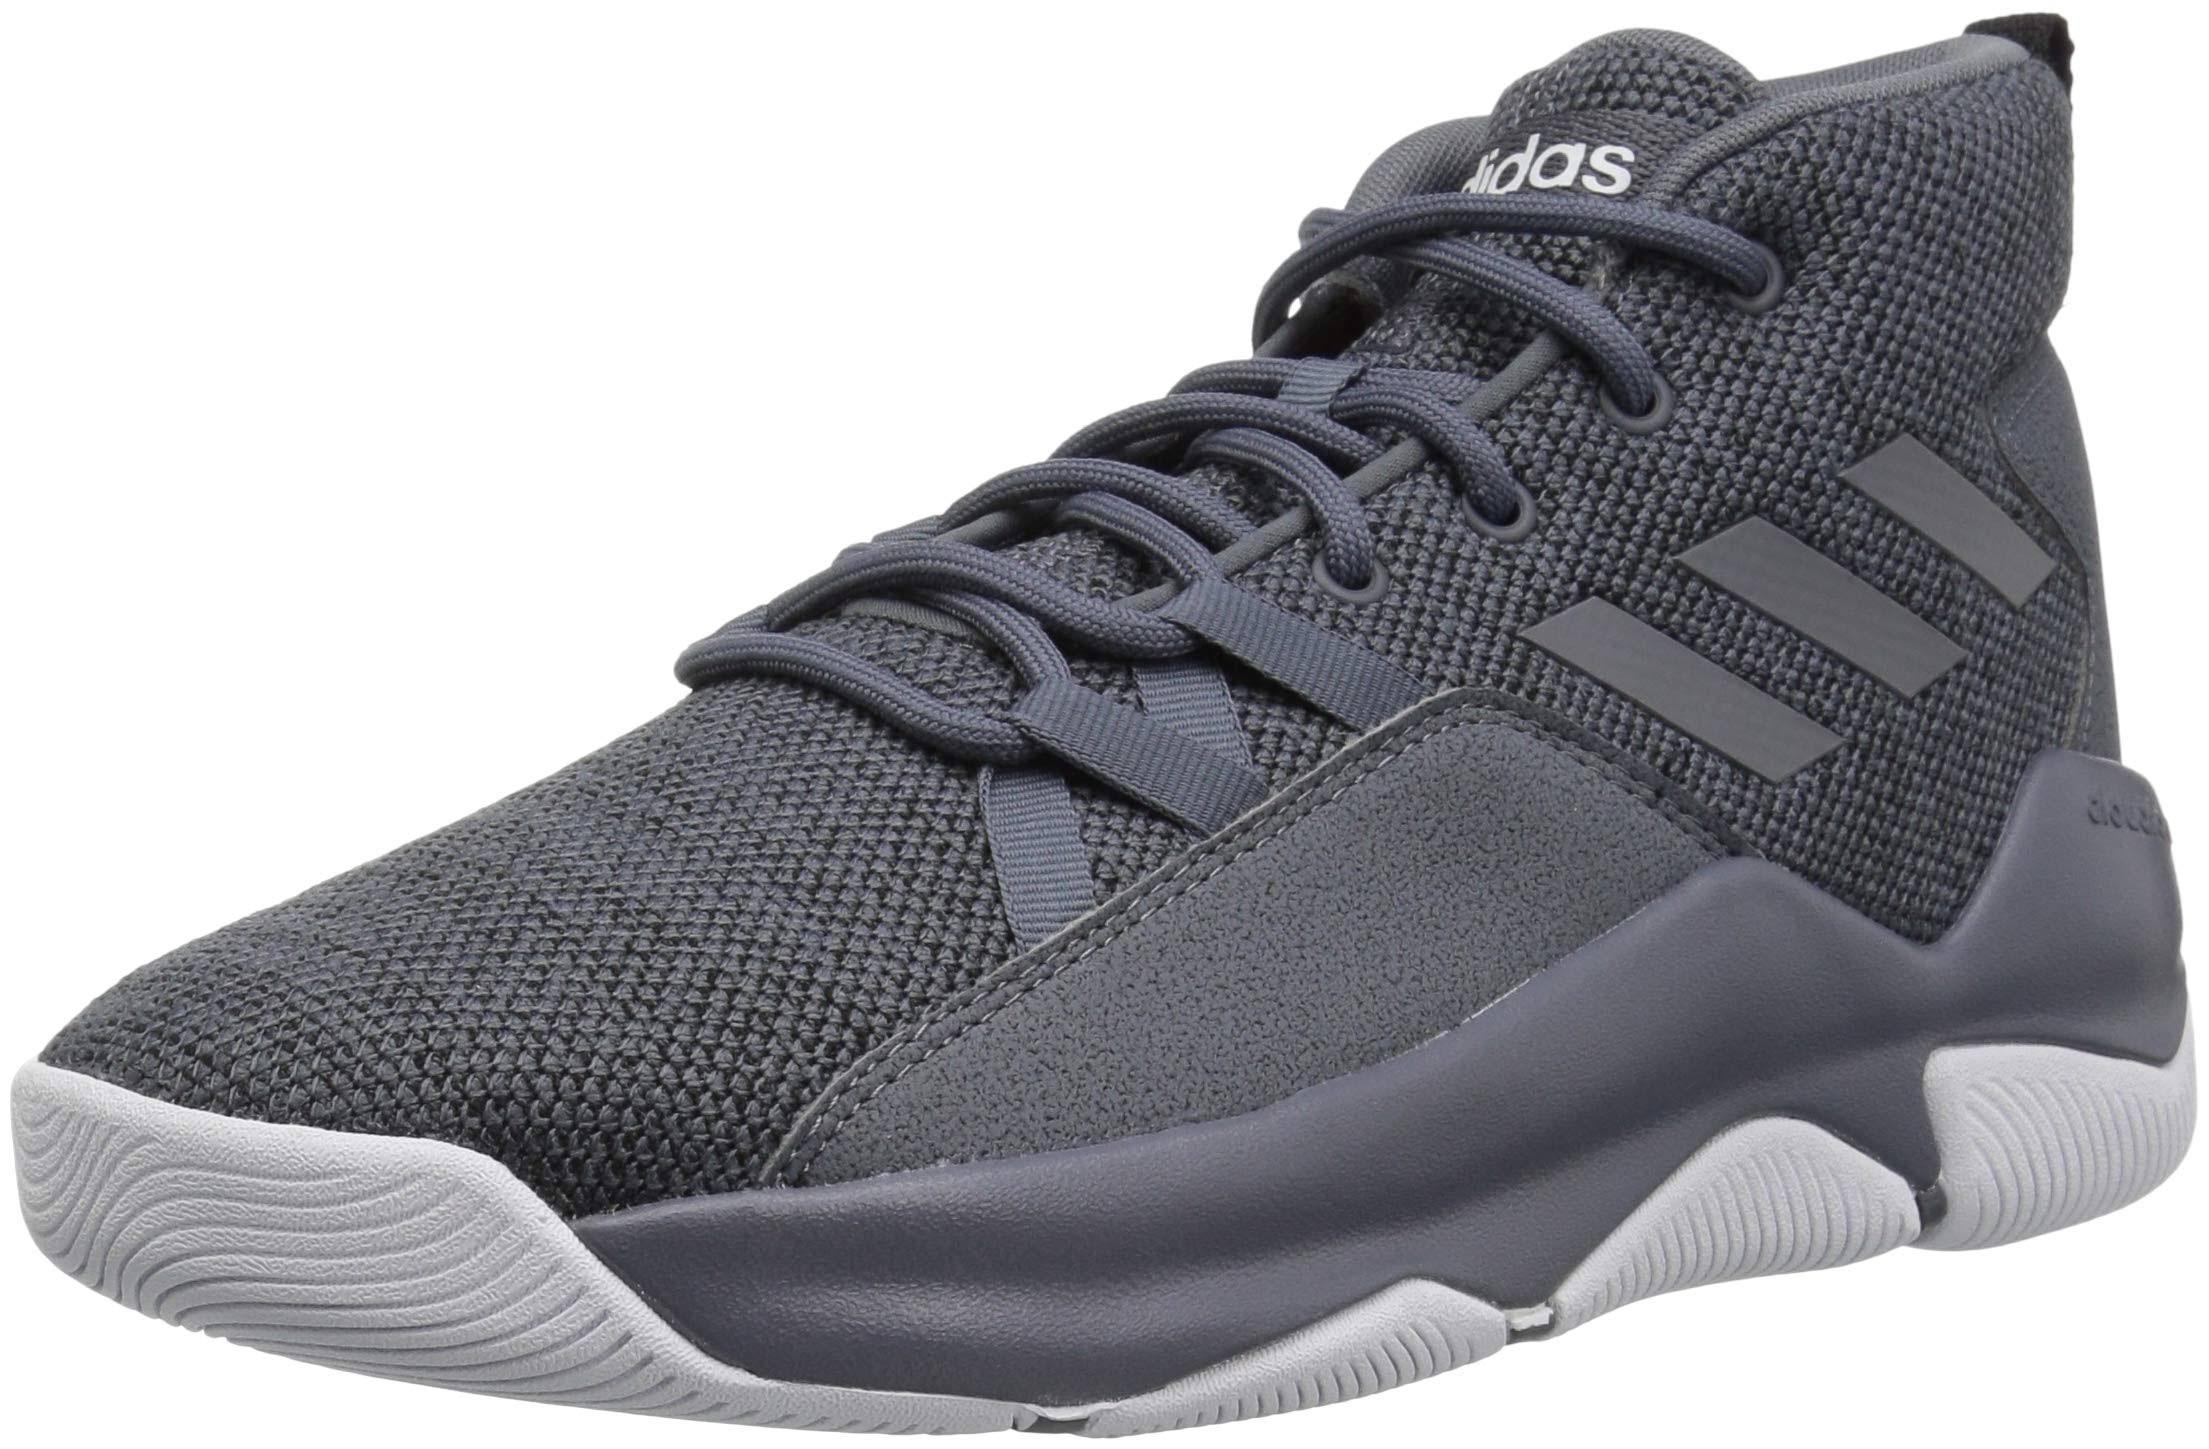 Adidas Streetfire Cloudfoam Schwarz Herren basketballschuhe Größe 8 6HC6gwq